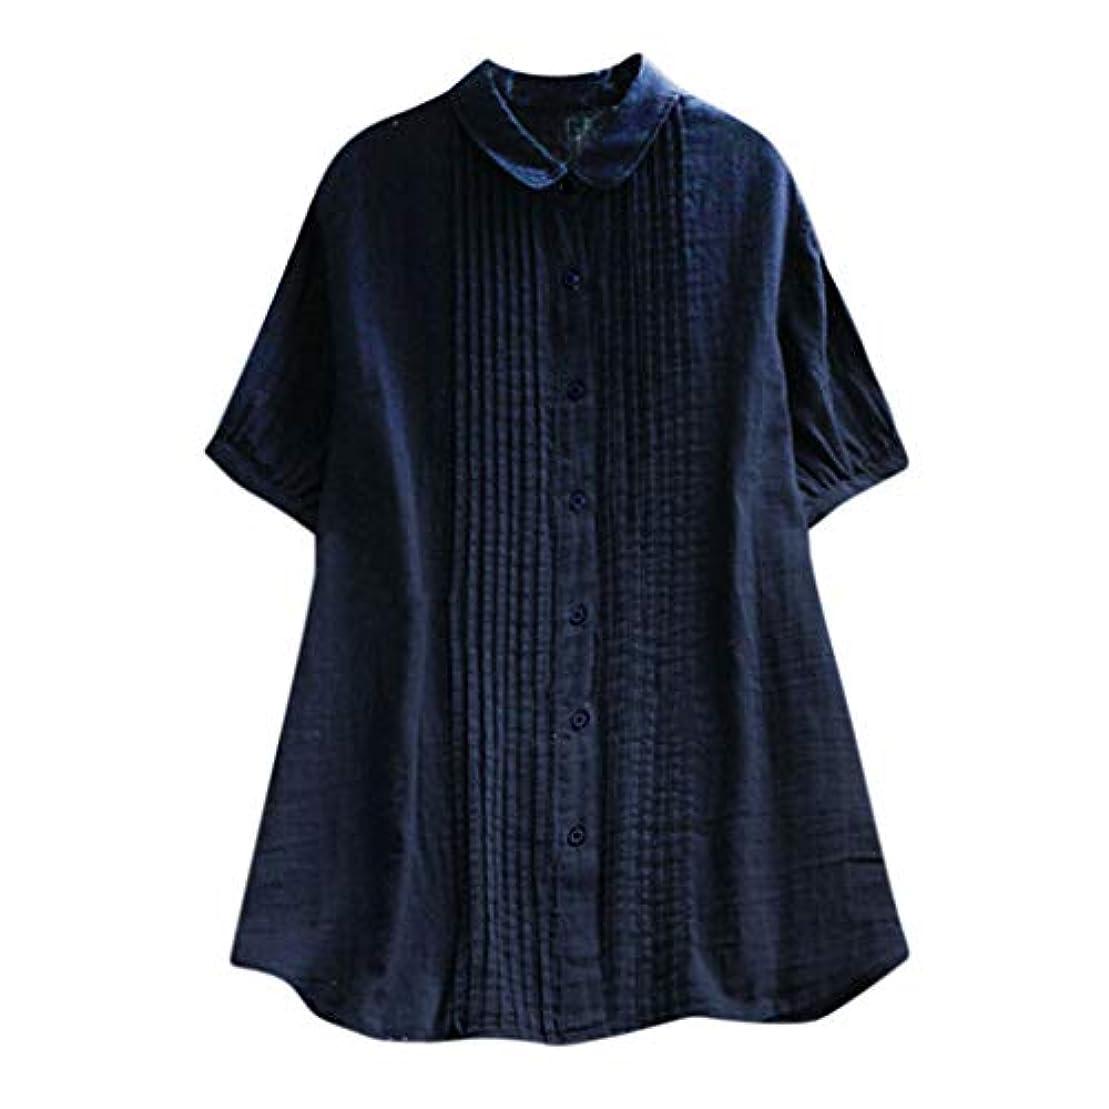 合法征服者付き添い人女性の半袖Tシャツ - ピーターパンカラー夏緩い無地カジュアルダウントップスブラウス (青, 2XL)